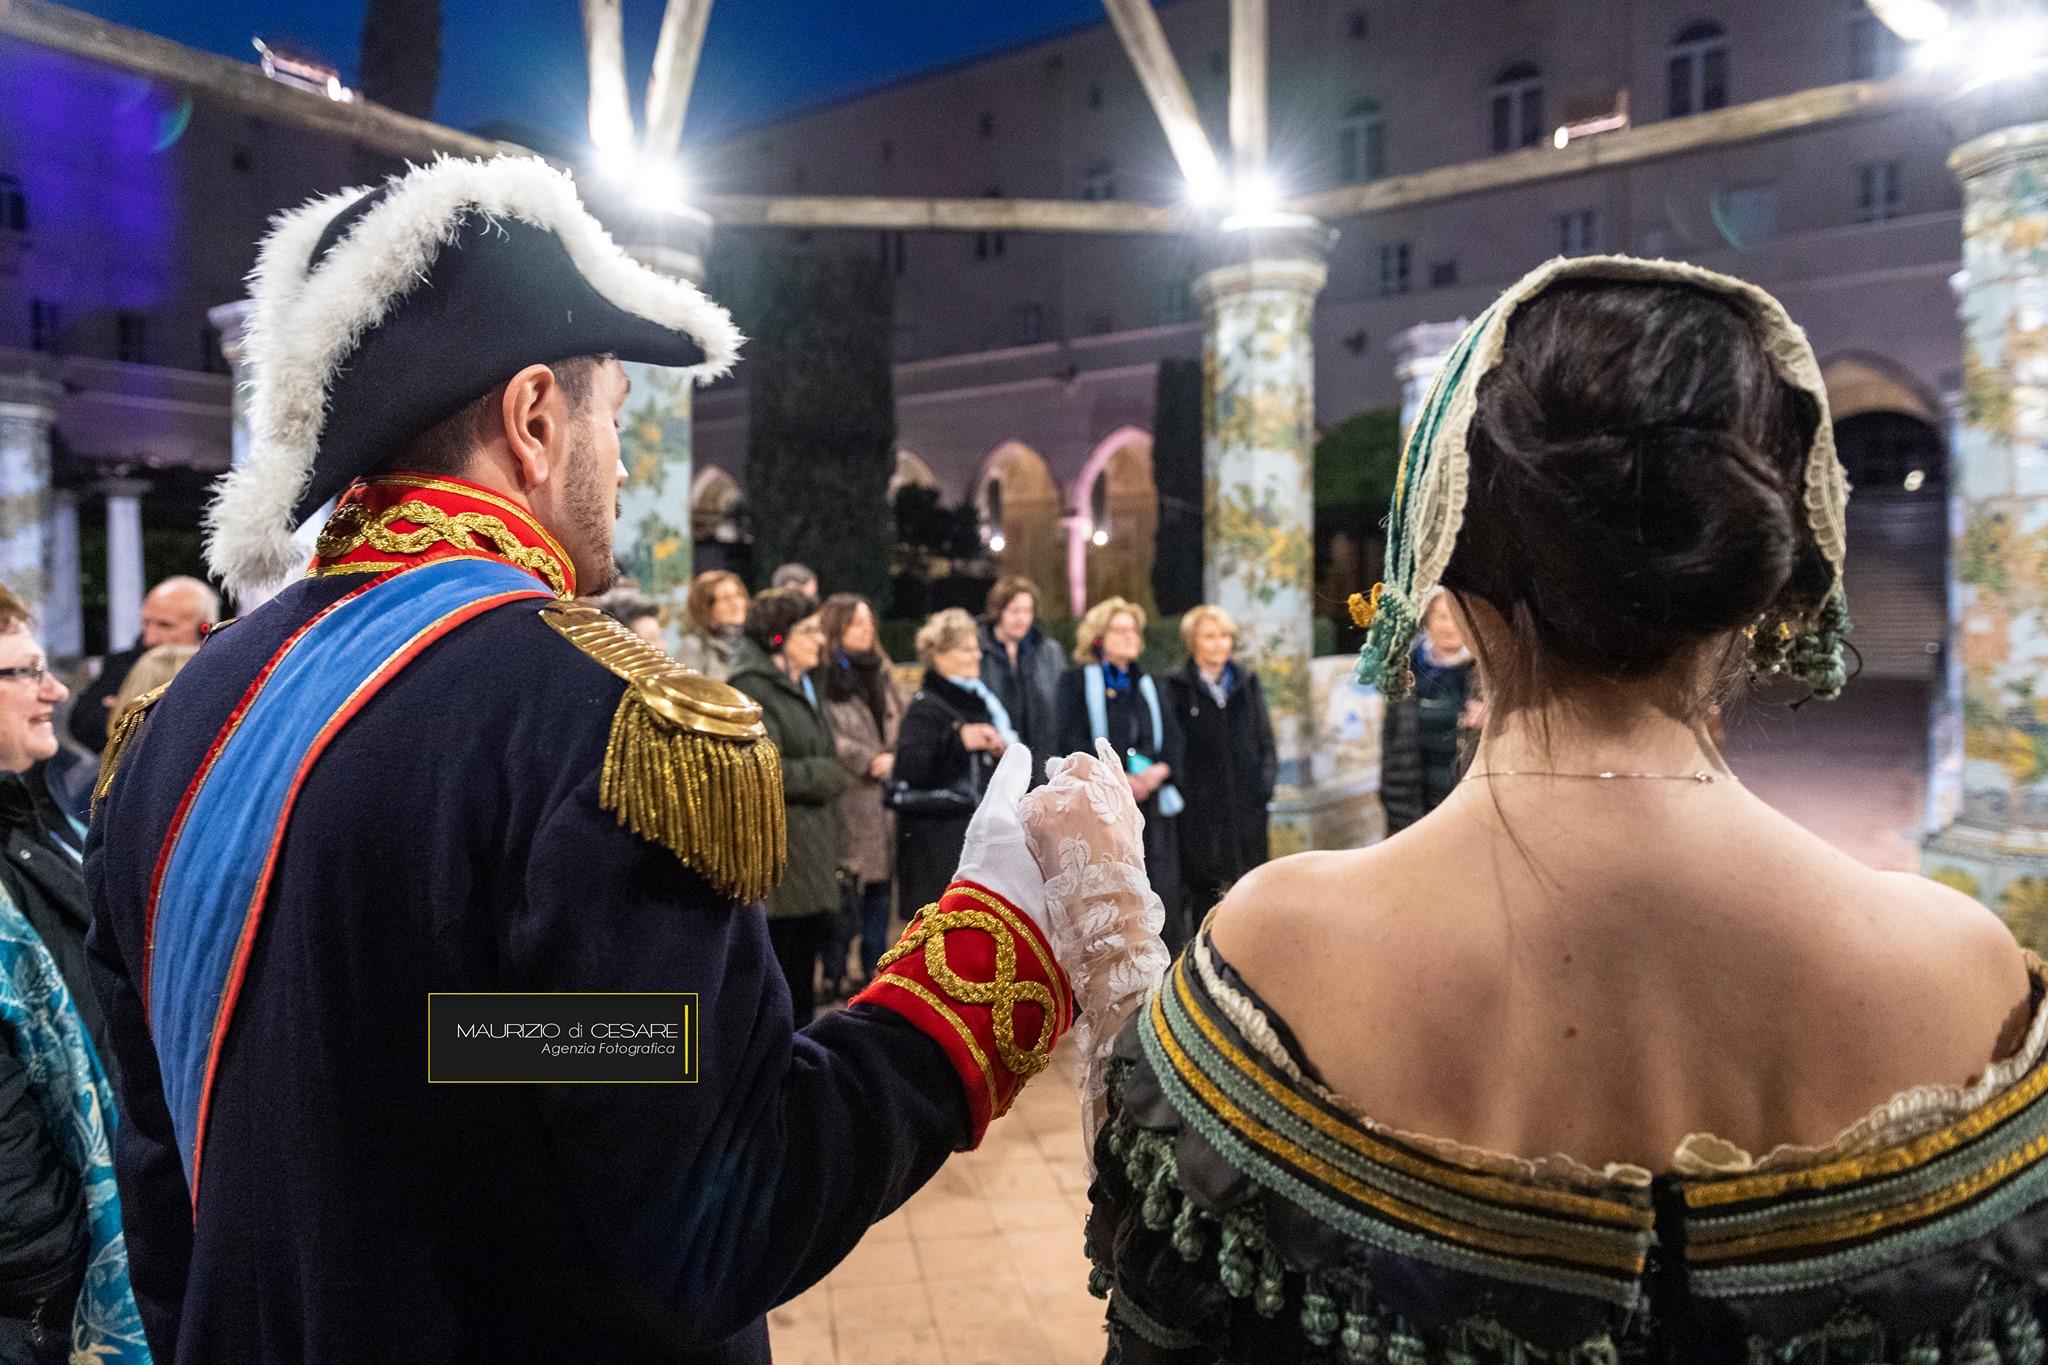 La notte di Santa Chiara dedicata a Maria Cristina